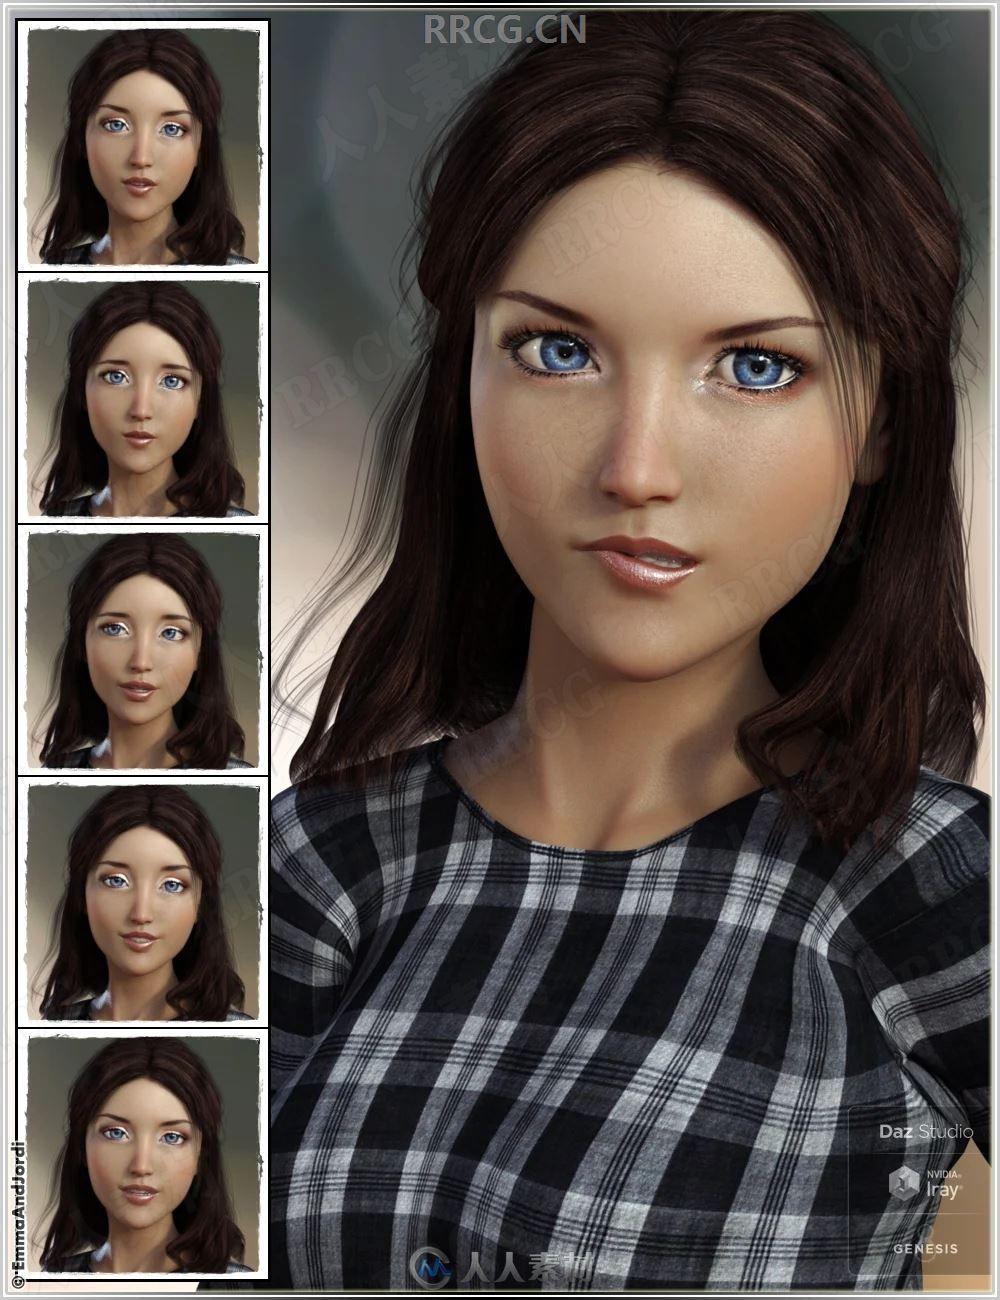 女性人物搞怪可爱表情3D模型合集